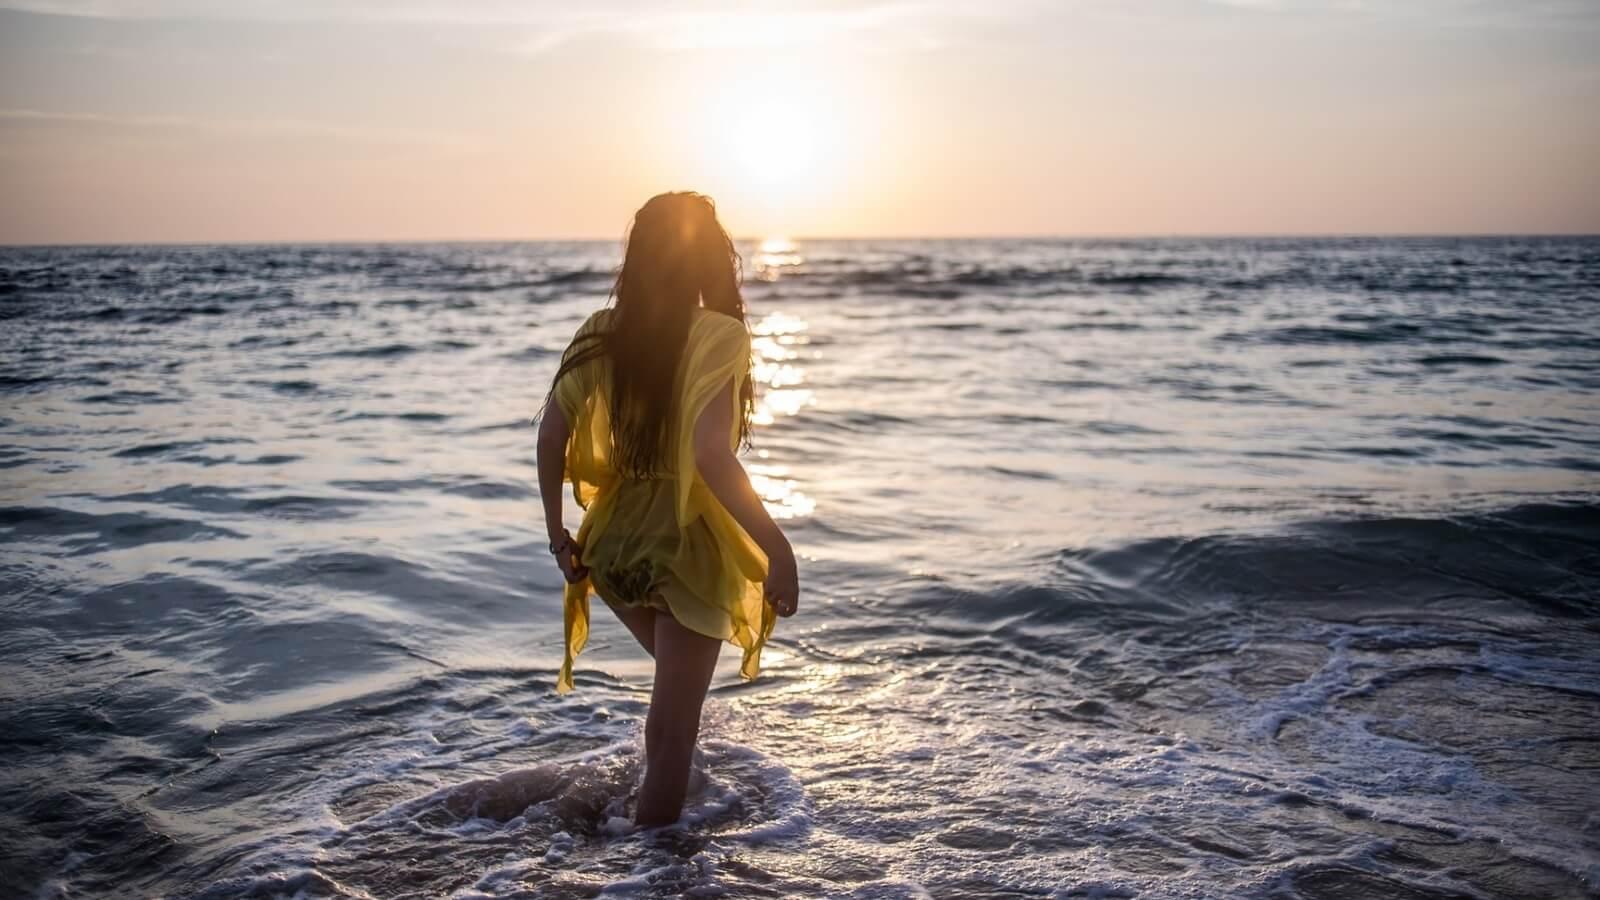 Девушка на море фотографии на аву без лица (3)